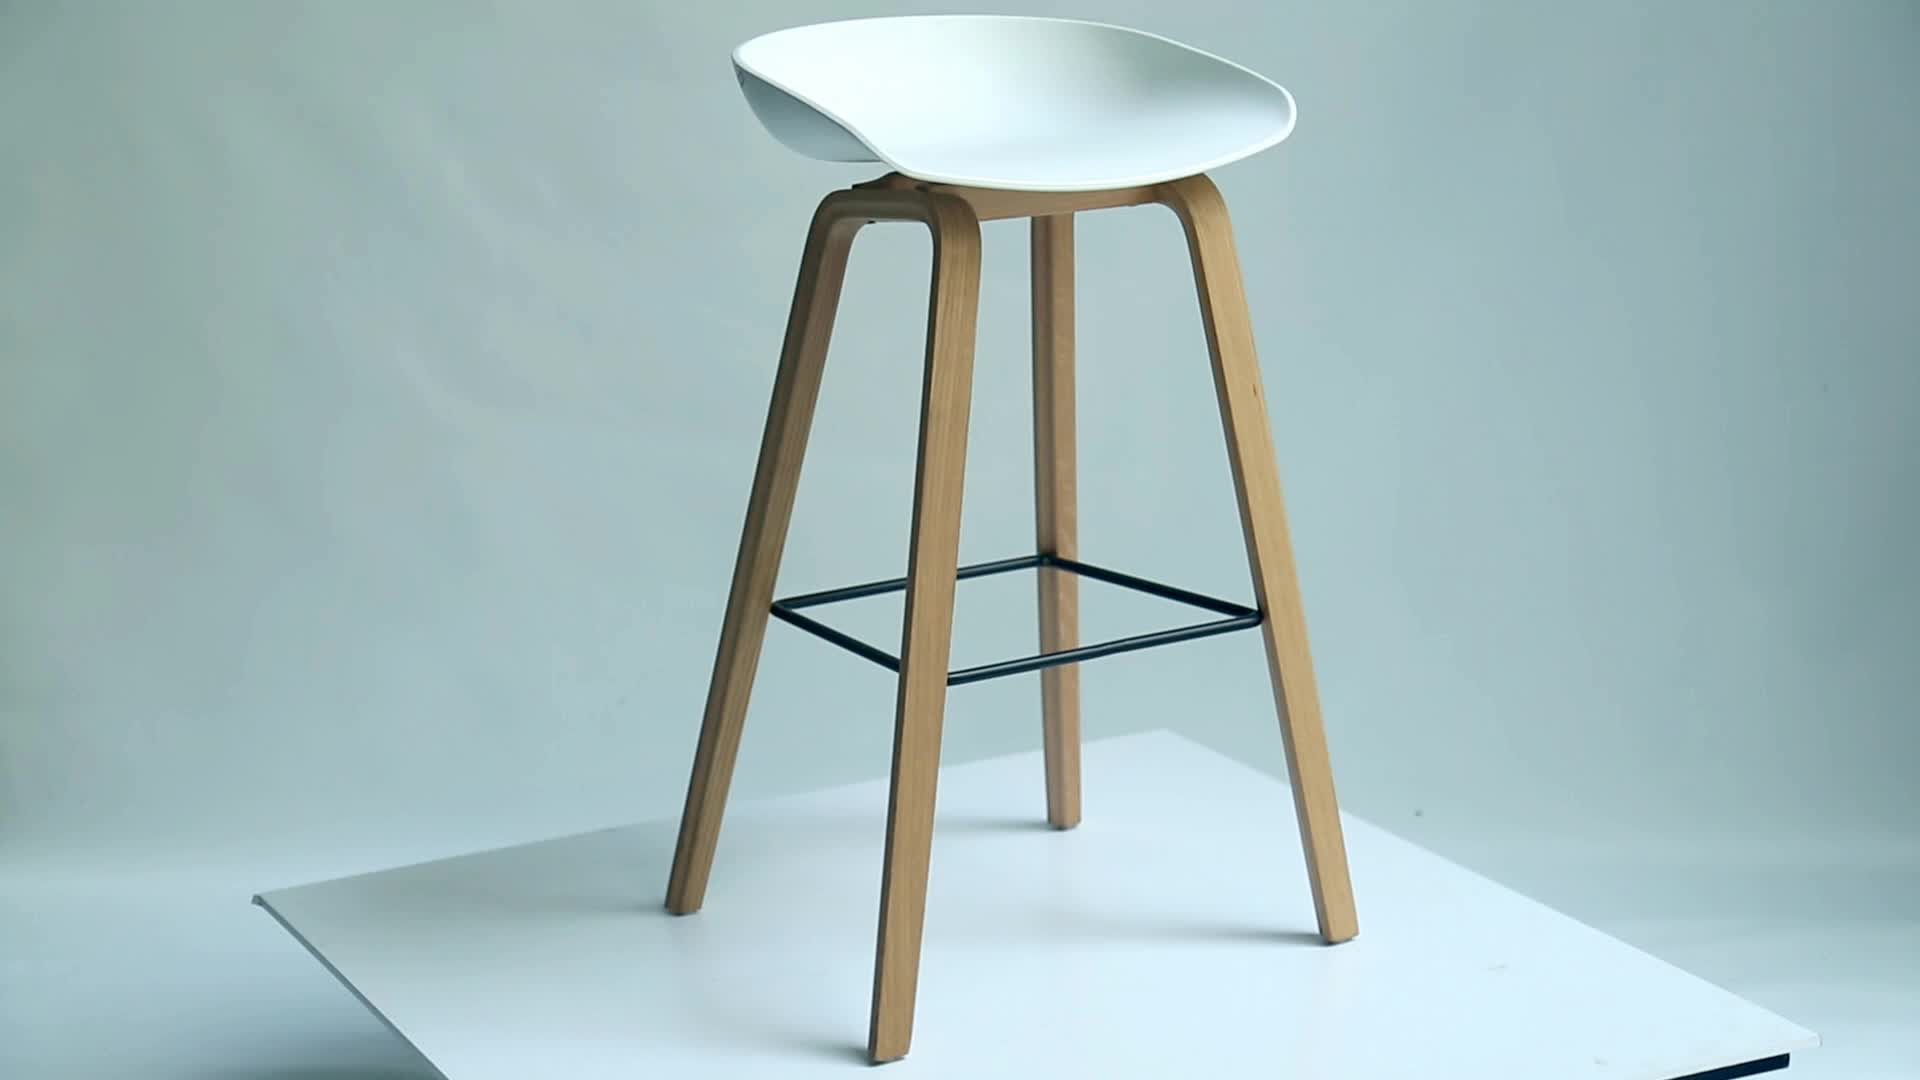 Warna Putih PP Tinggi Kursi Bar Kayu Kursi Bar Furniture Bar Bangku Kursi